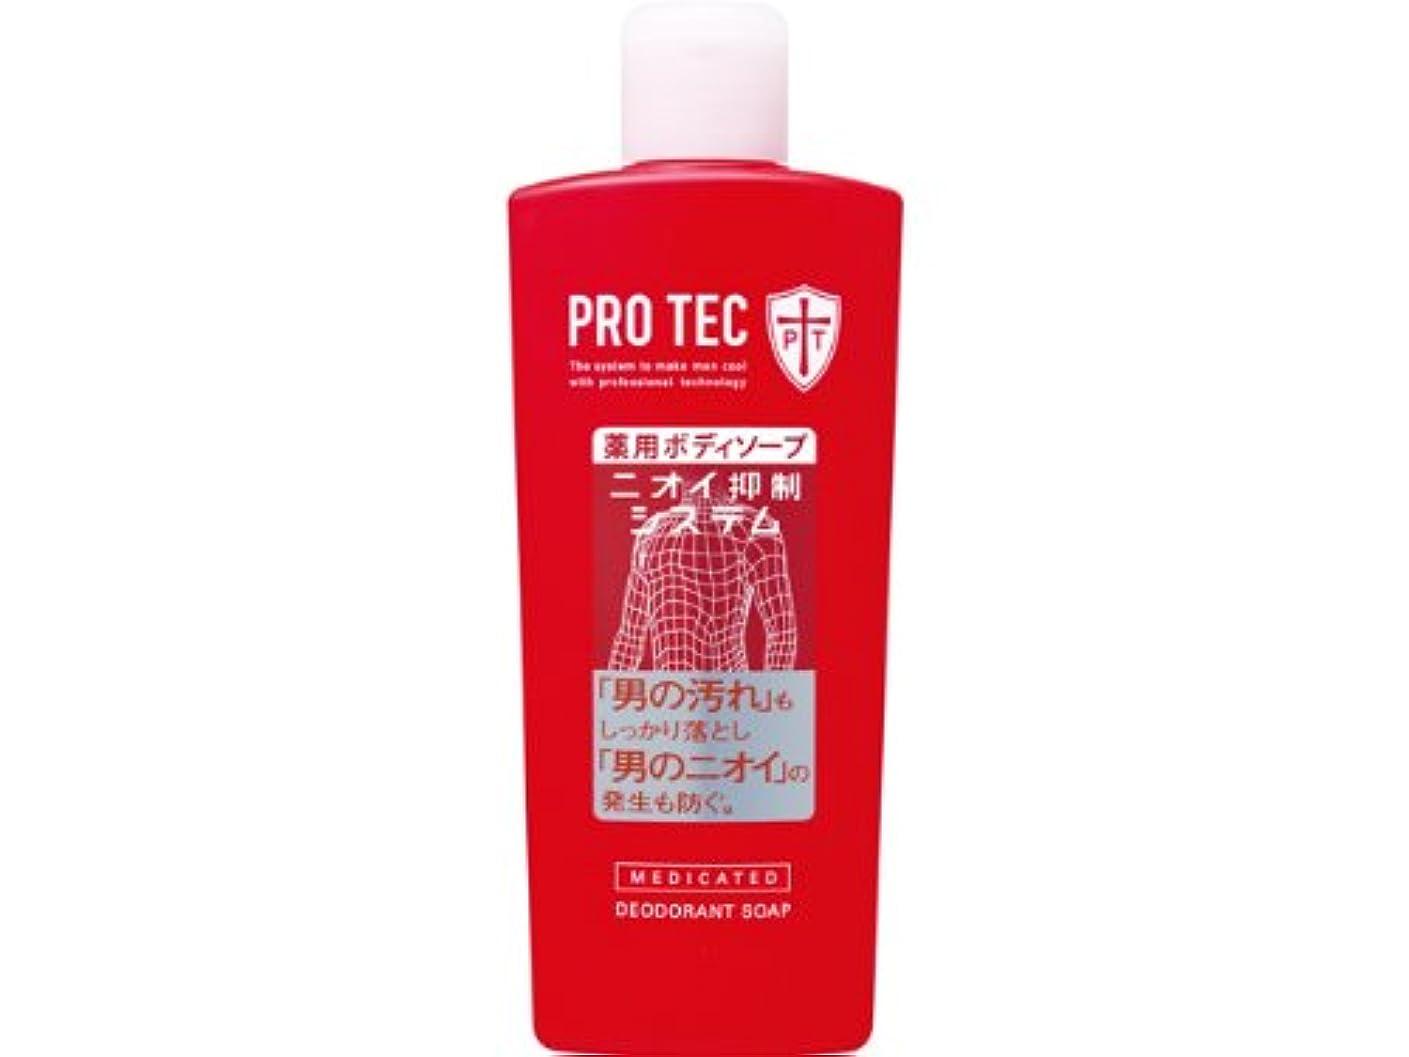 請求特徴づける整然としたPRO TEC(プロテク) デオドラントソープ 300ml